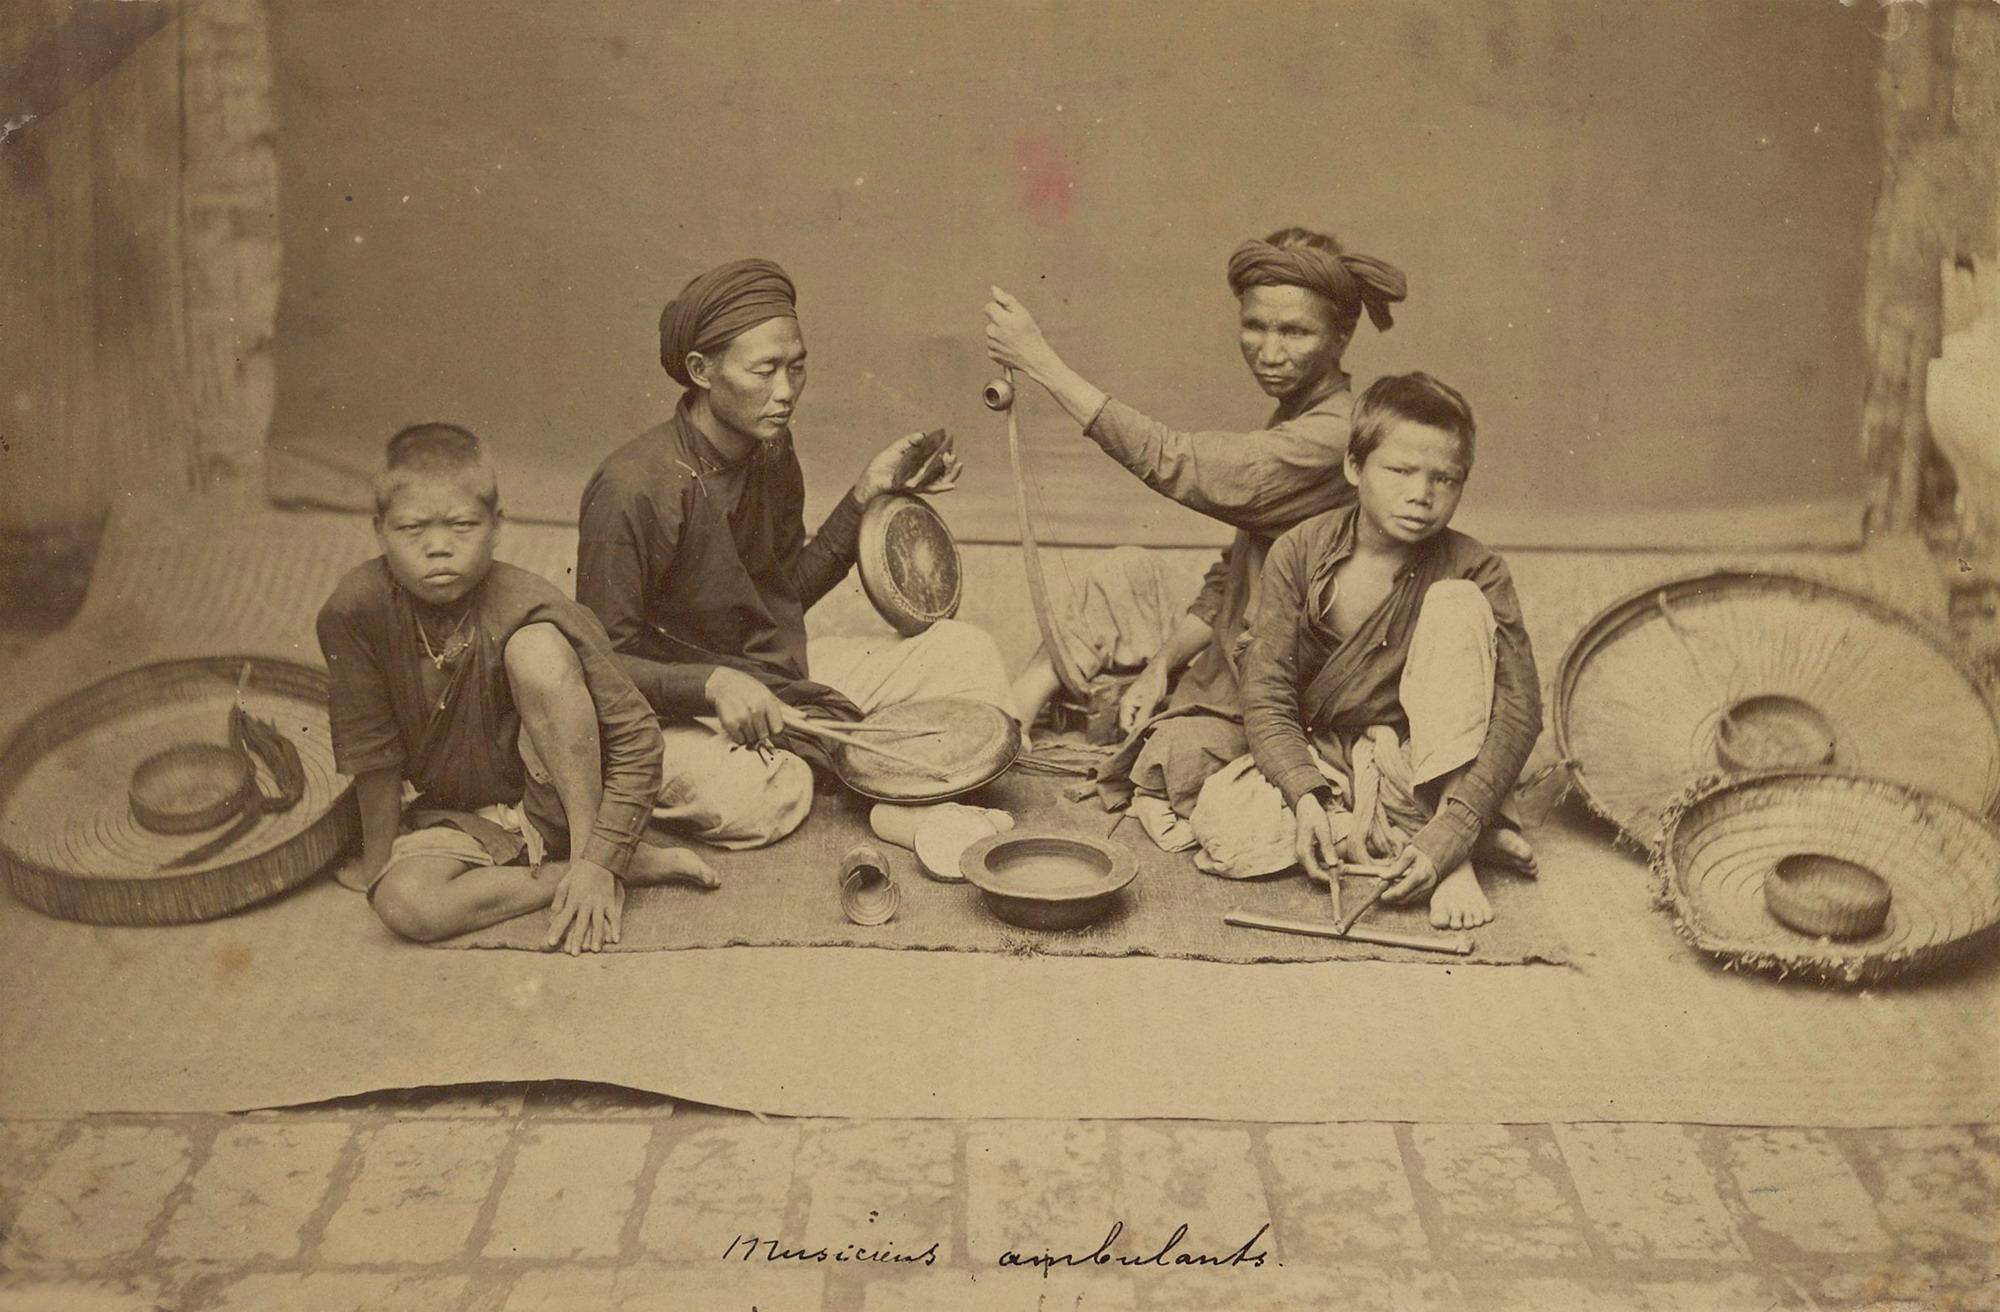 Đời sống ở Hà Nội cuối thế kỷ 19 qua ảnh của Pierre Dieulefils